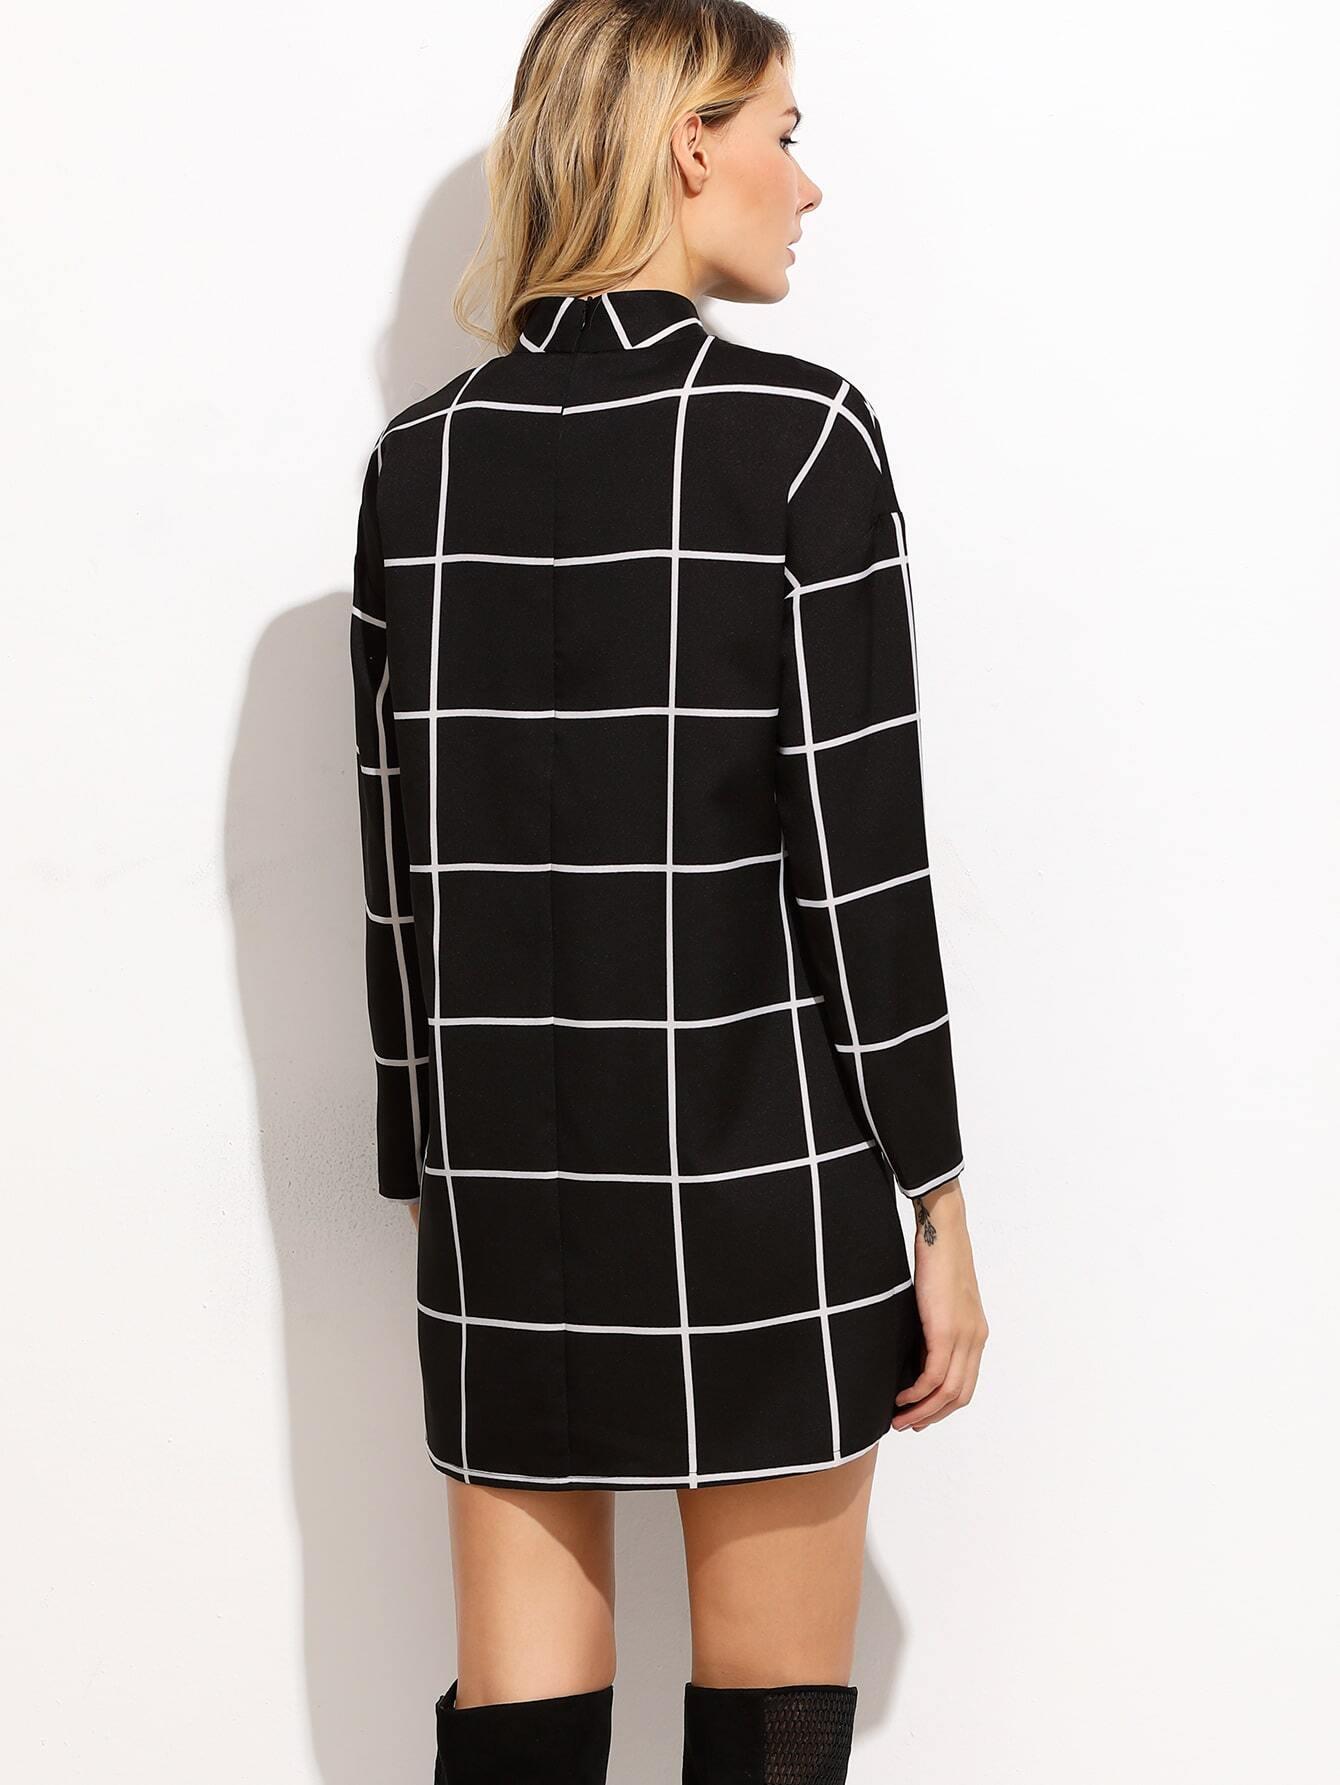 dress160923705_2